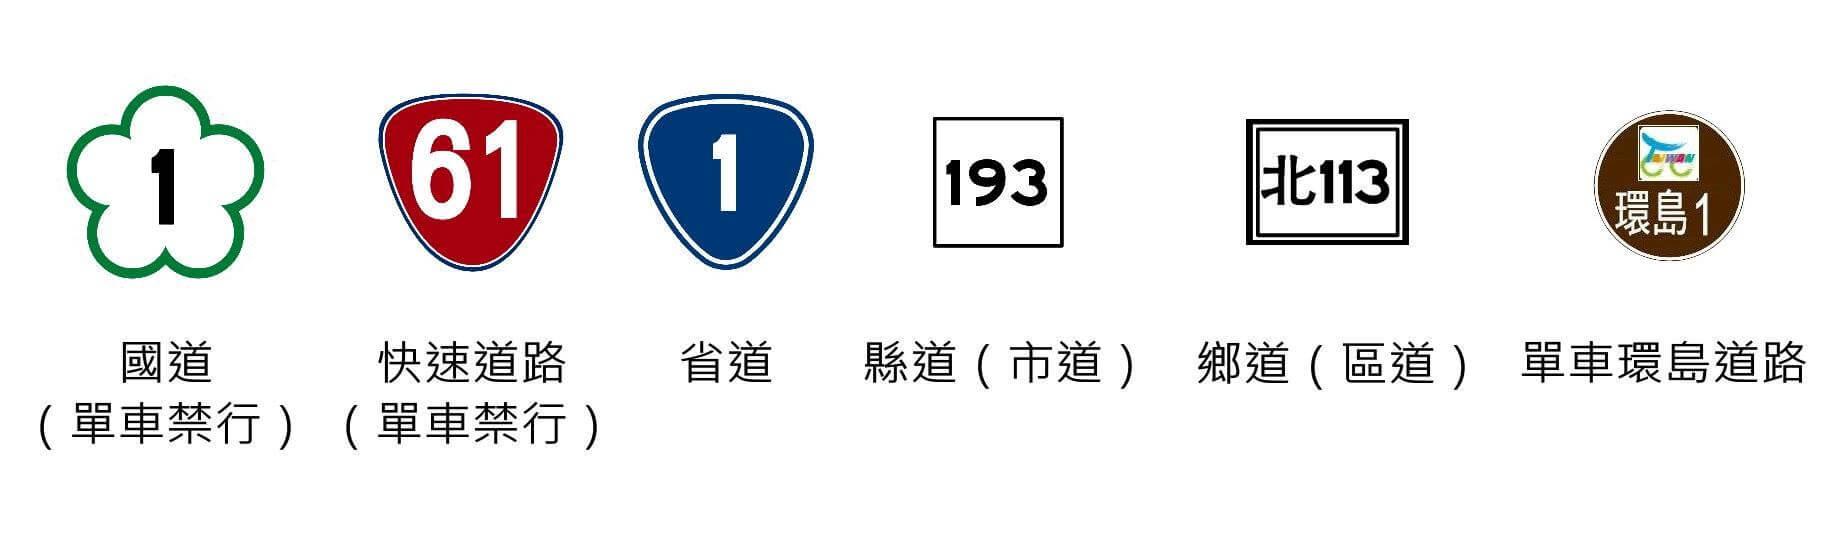 ✔台灣公路編號原則